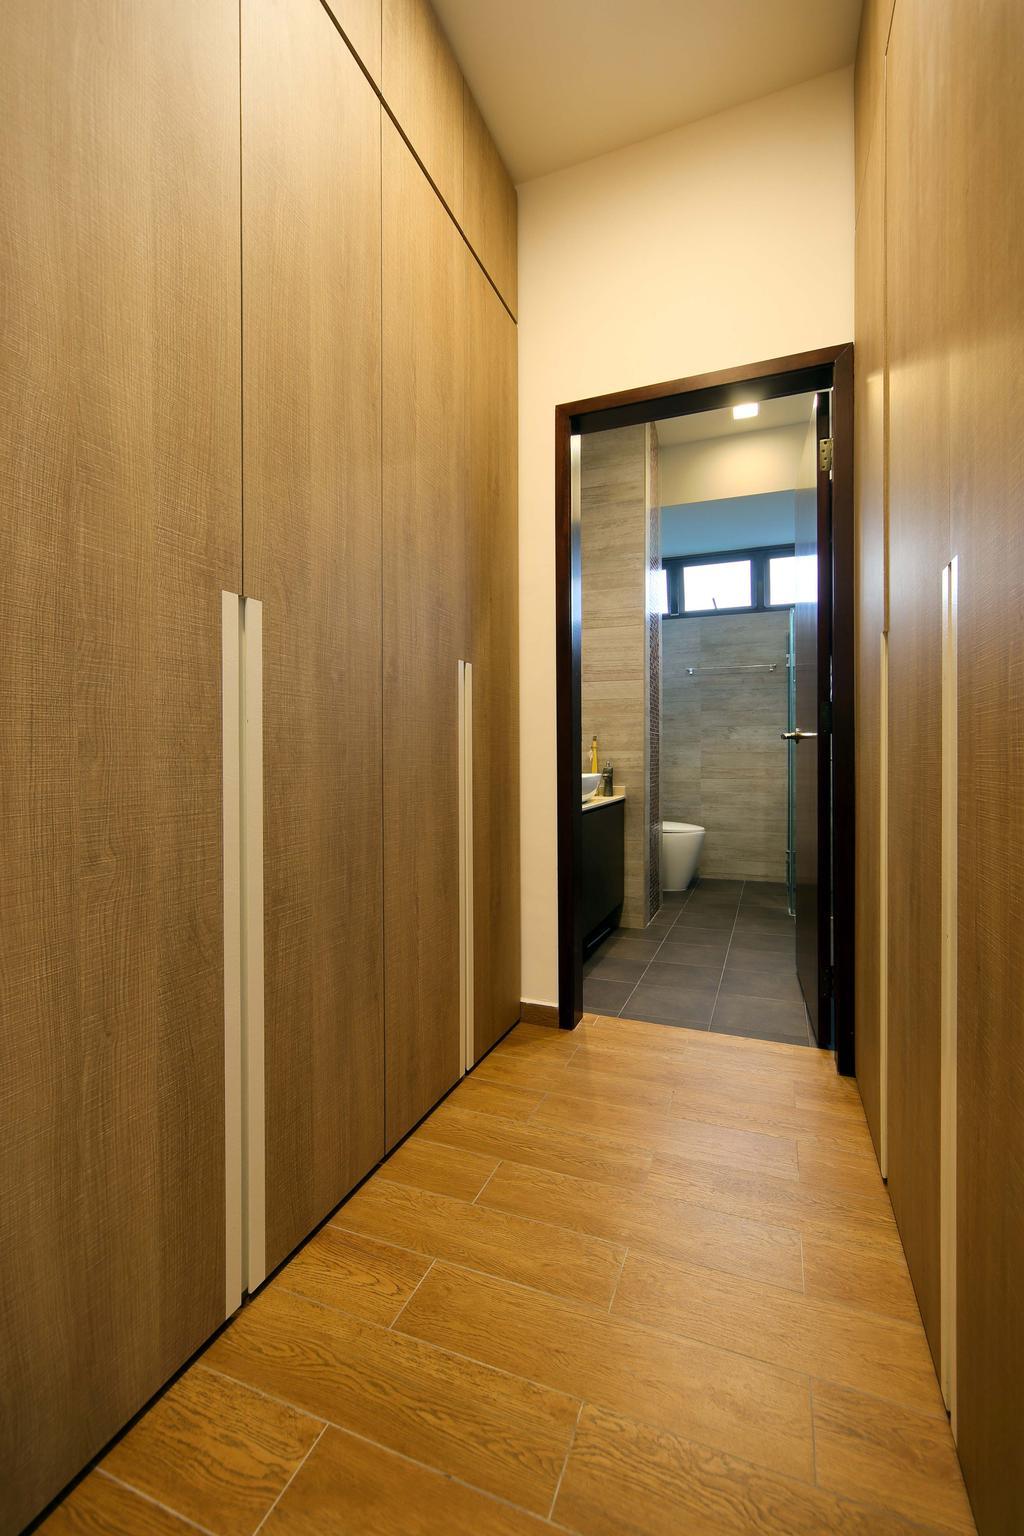 Eclectic, Condo, Bedroom, Hillcrest, Interior Designer, Yonder, Wood Floor, Walk In Wardrobe, Toielt, Cupboards, Wardrobe, Wood, Bathroom, Indoors, Interior Design, Room, Floor